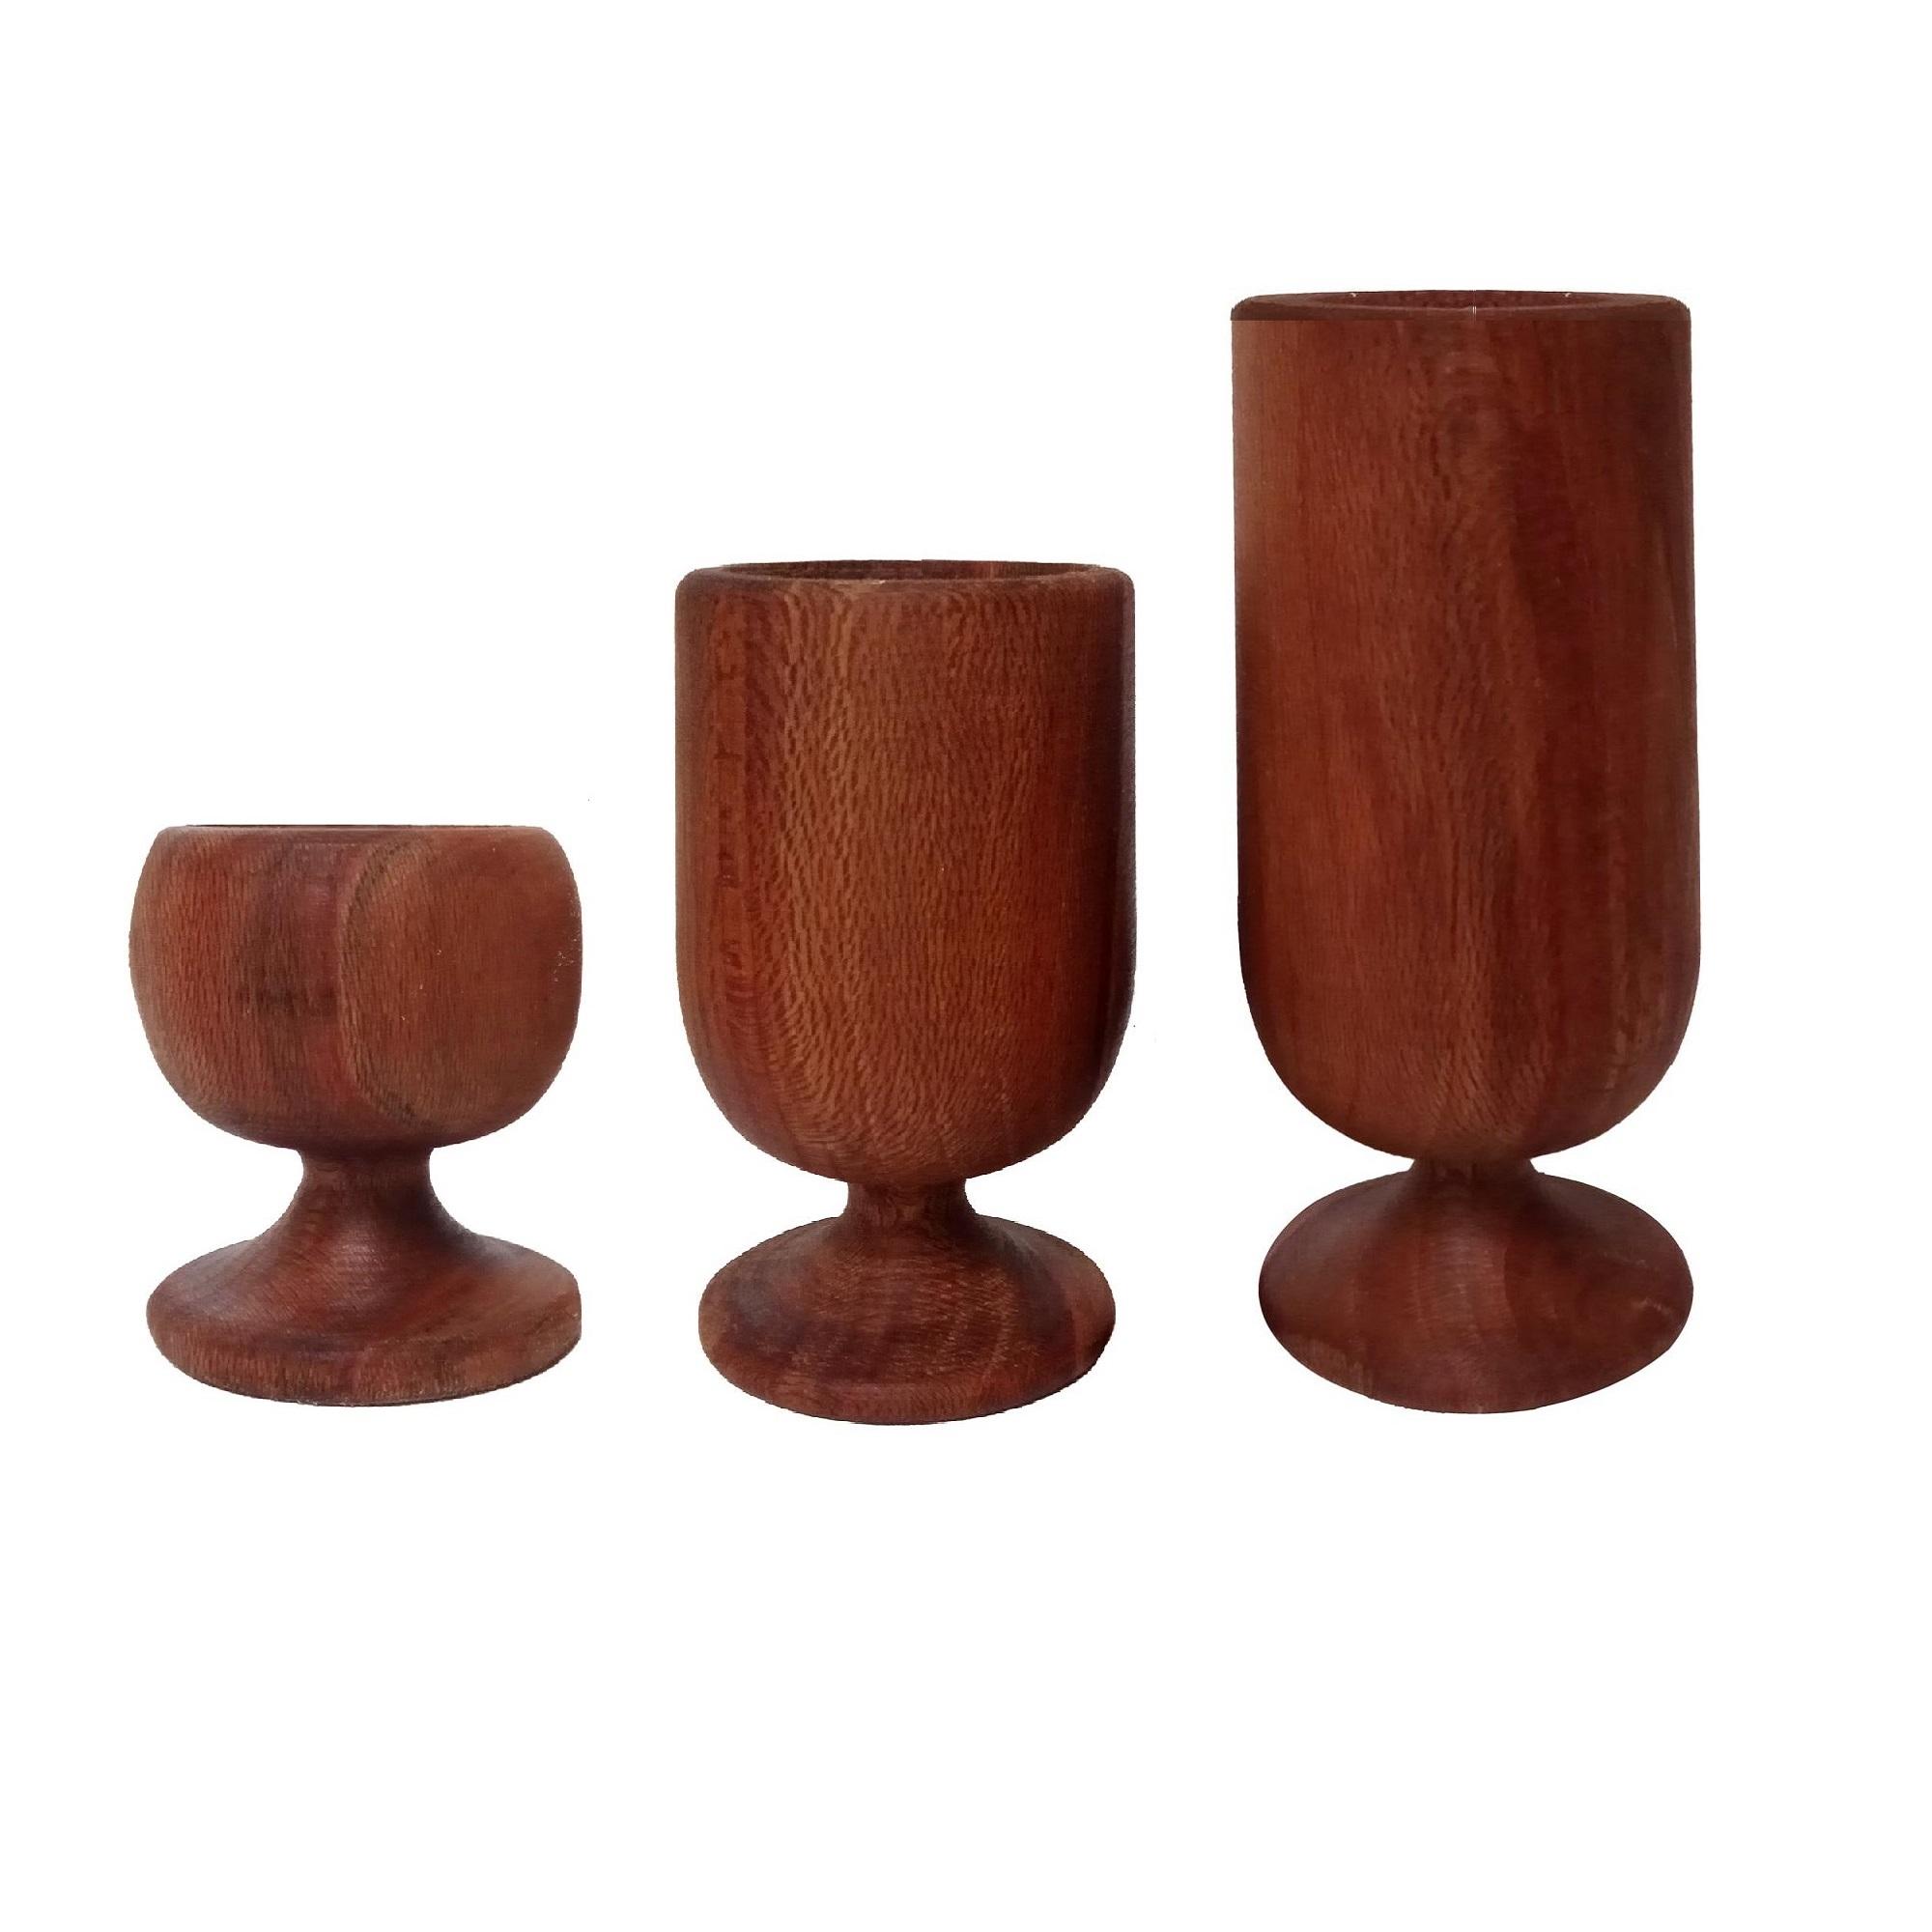 شمعدان چوبی چوبیس کد 4_109 مجموعه 3 عددی